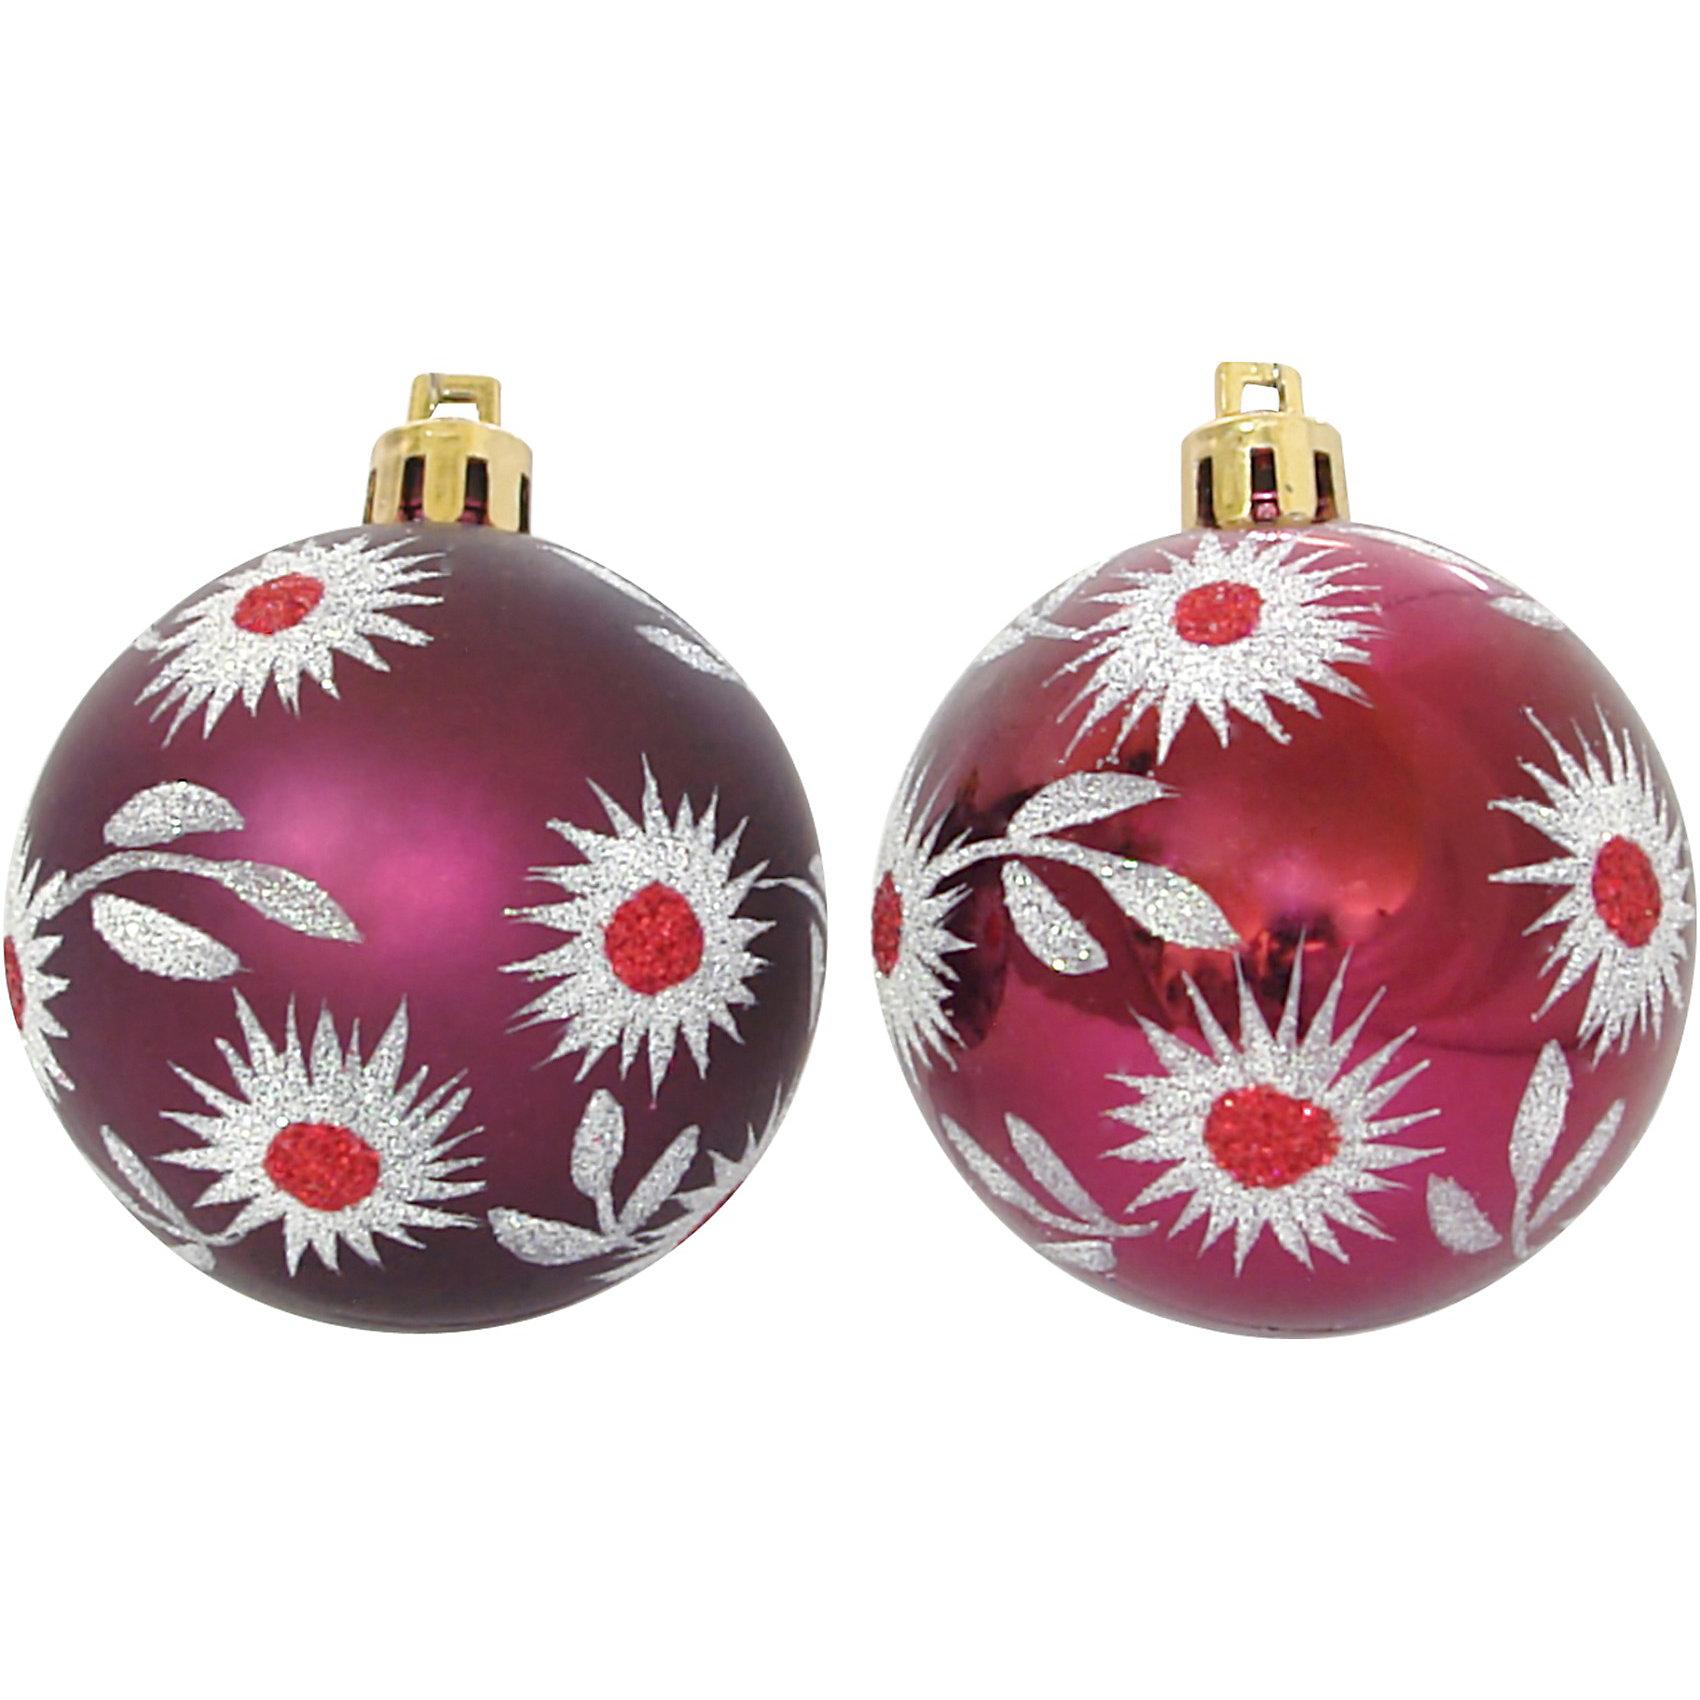 Шары с рисунком, 6 см, 6 шт., цвет - бордоВсё для праздника<br>Шары с рисунком, Волшебная страна станут замечательным украшением для Вашей новогодней елки и помогут создать праздничную волшебную атмосферу. В комплекте шесть<br>бордовых шаров с красивым цветочным рисунком, они будут чудесно смотреться на елке и радовать детей и взрослых. Шары упакованы в прозрачную коробочку из ПВХ.<br><br>Дополнительная информация:<br><br>- Цвет: бордо.<br>- В комплекте: 6 шт.<br>- Диаметр шара: 6 см.<br>- Размер упаковки: 17,7 x 6 x 11,7 см.<br>- Вес: 85 гр.<br><br>Шары с рисунком, Волшебная страна, можно купить в нашем интернет-магазине.<br><br>Ширина мм: 370<br>Глубина мм: 60<br>Высота мм: 120<br>Вес г: 85<br>Возраст от месяцев: 60<br>Возраст до месяцев: 180<br>Пол: Унисекс<br>Возраст: Детский<br>SKU: 3791391